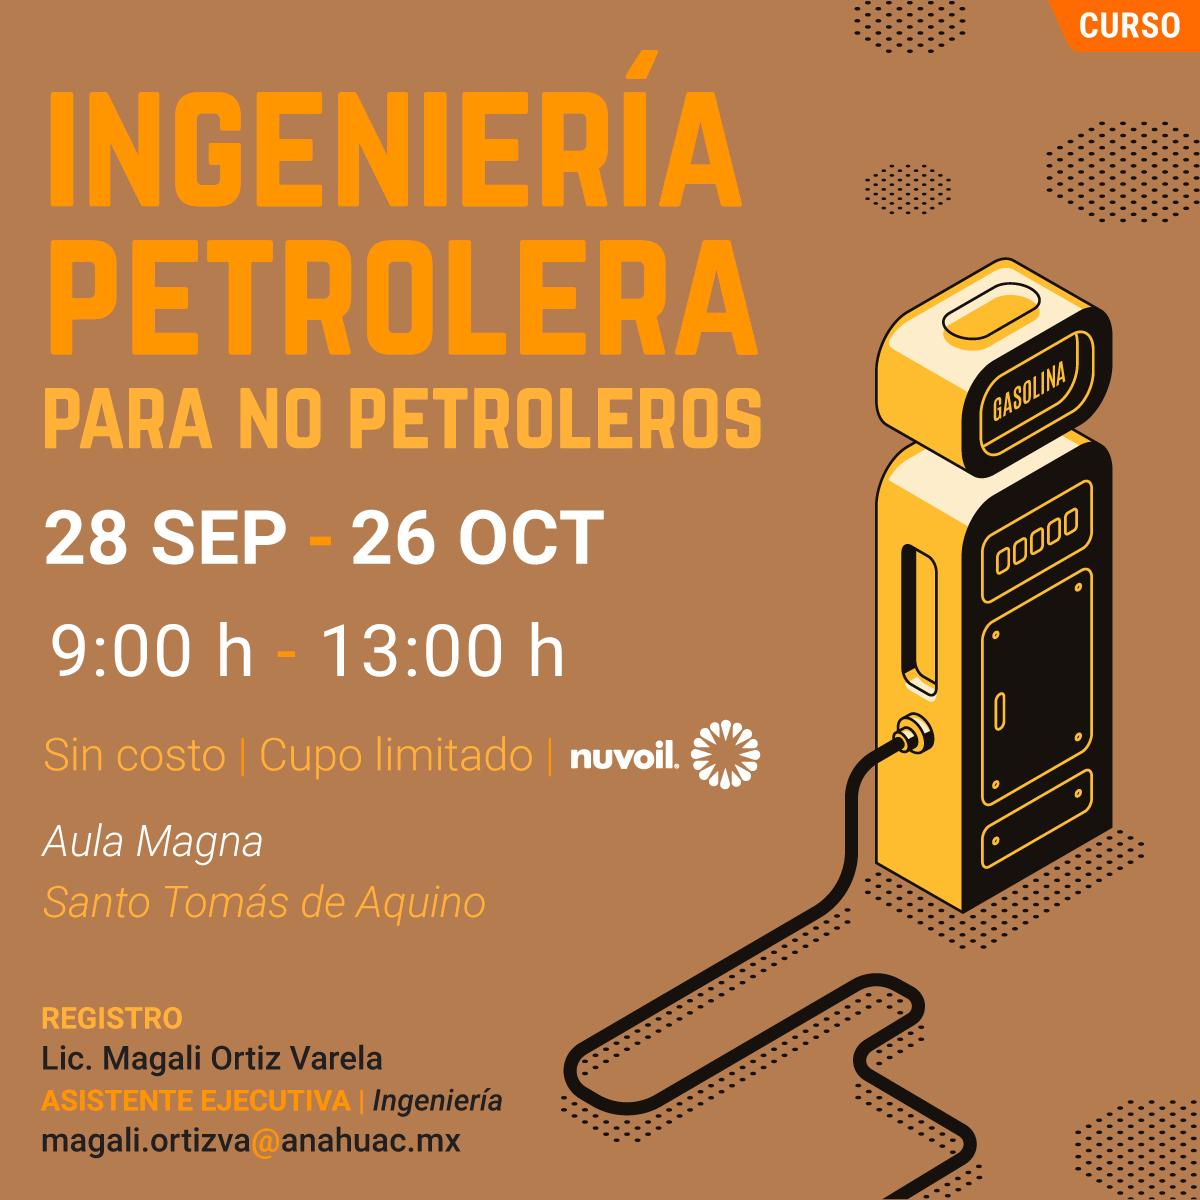 Ingeniería Petrolera para no Petroleros